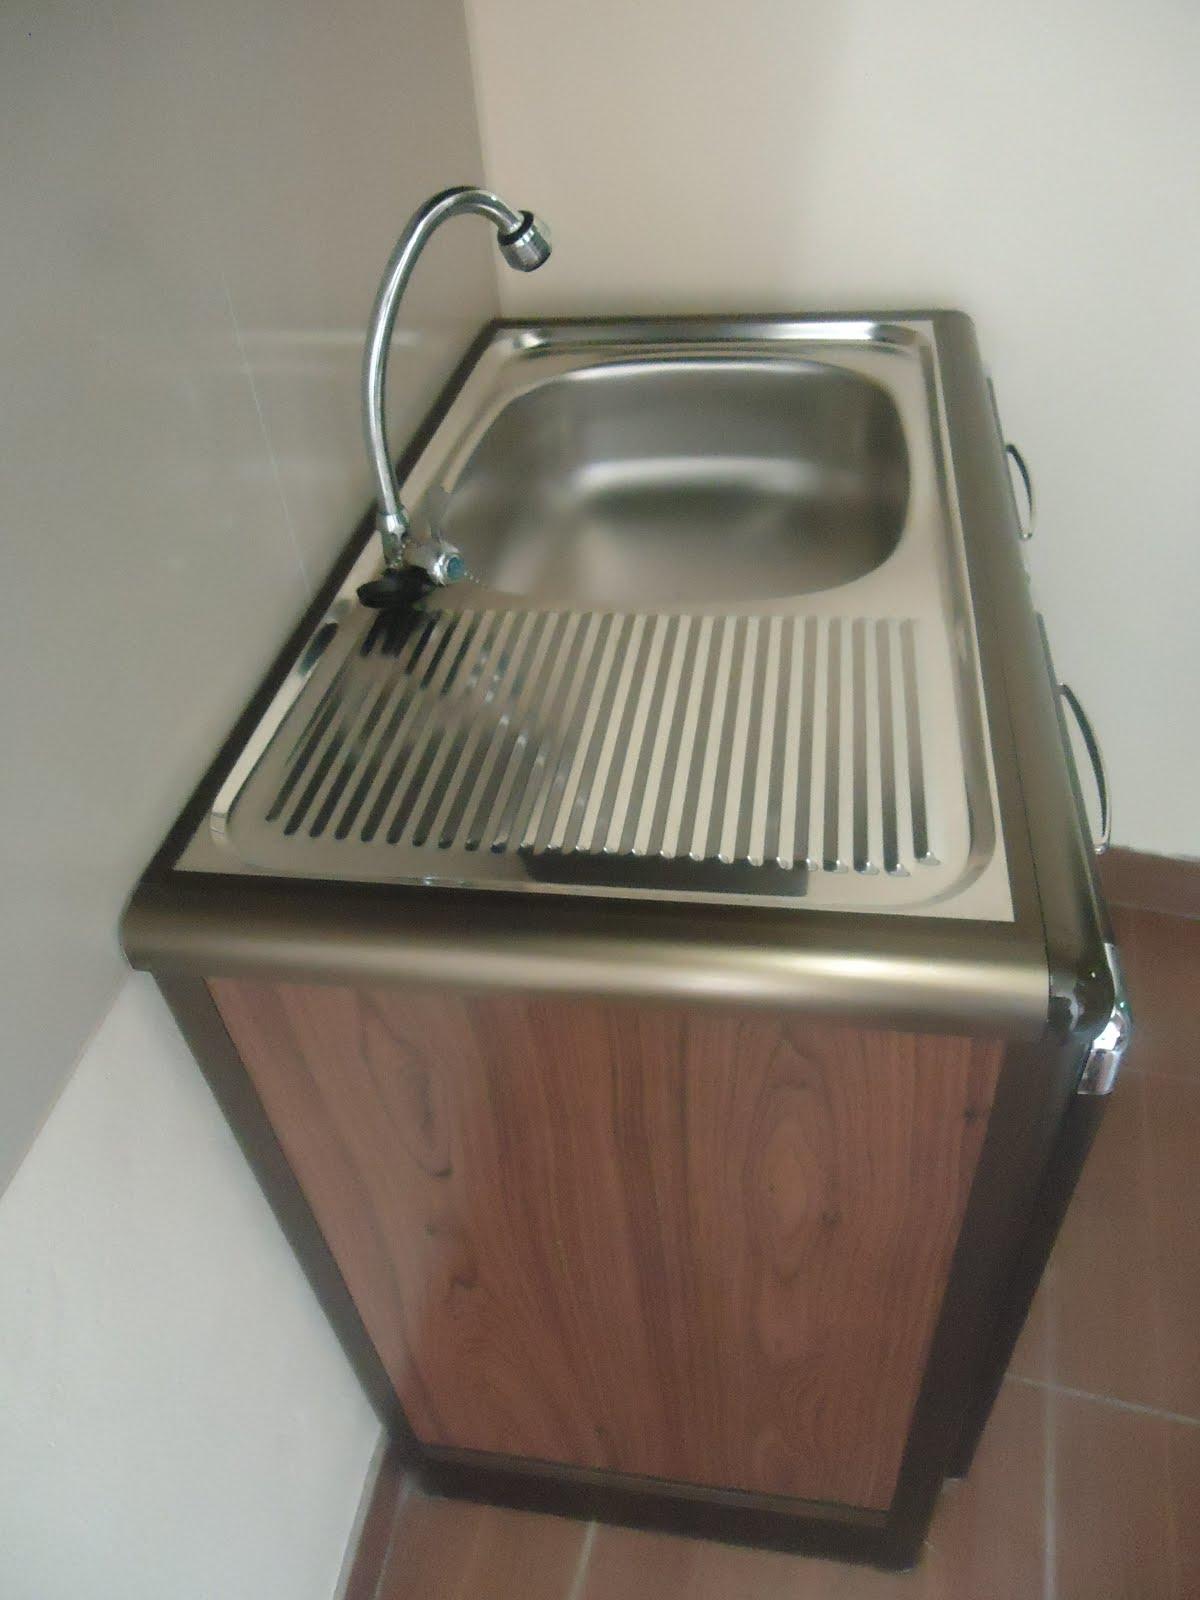 Portable kitchen sink kitchen ideas 10 photos to portable kitchen sink workwithnaturefo